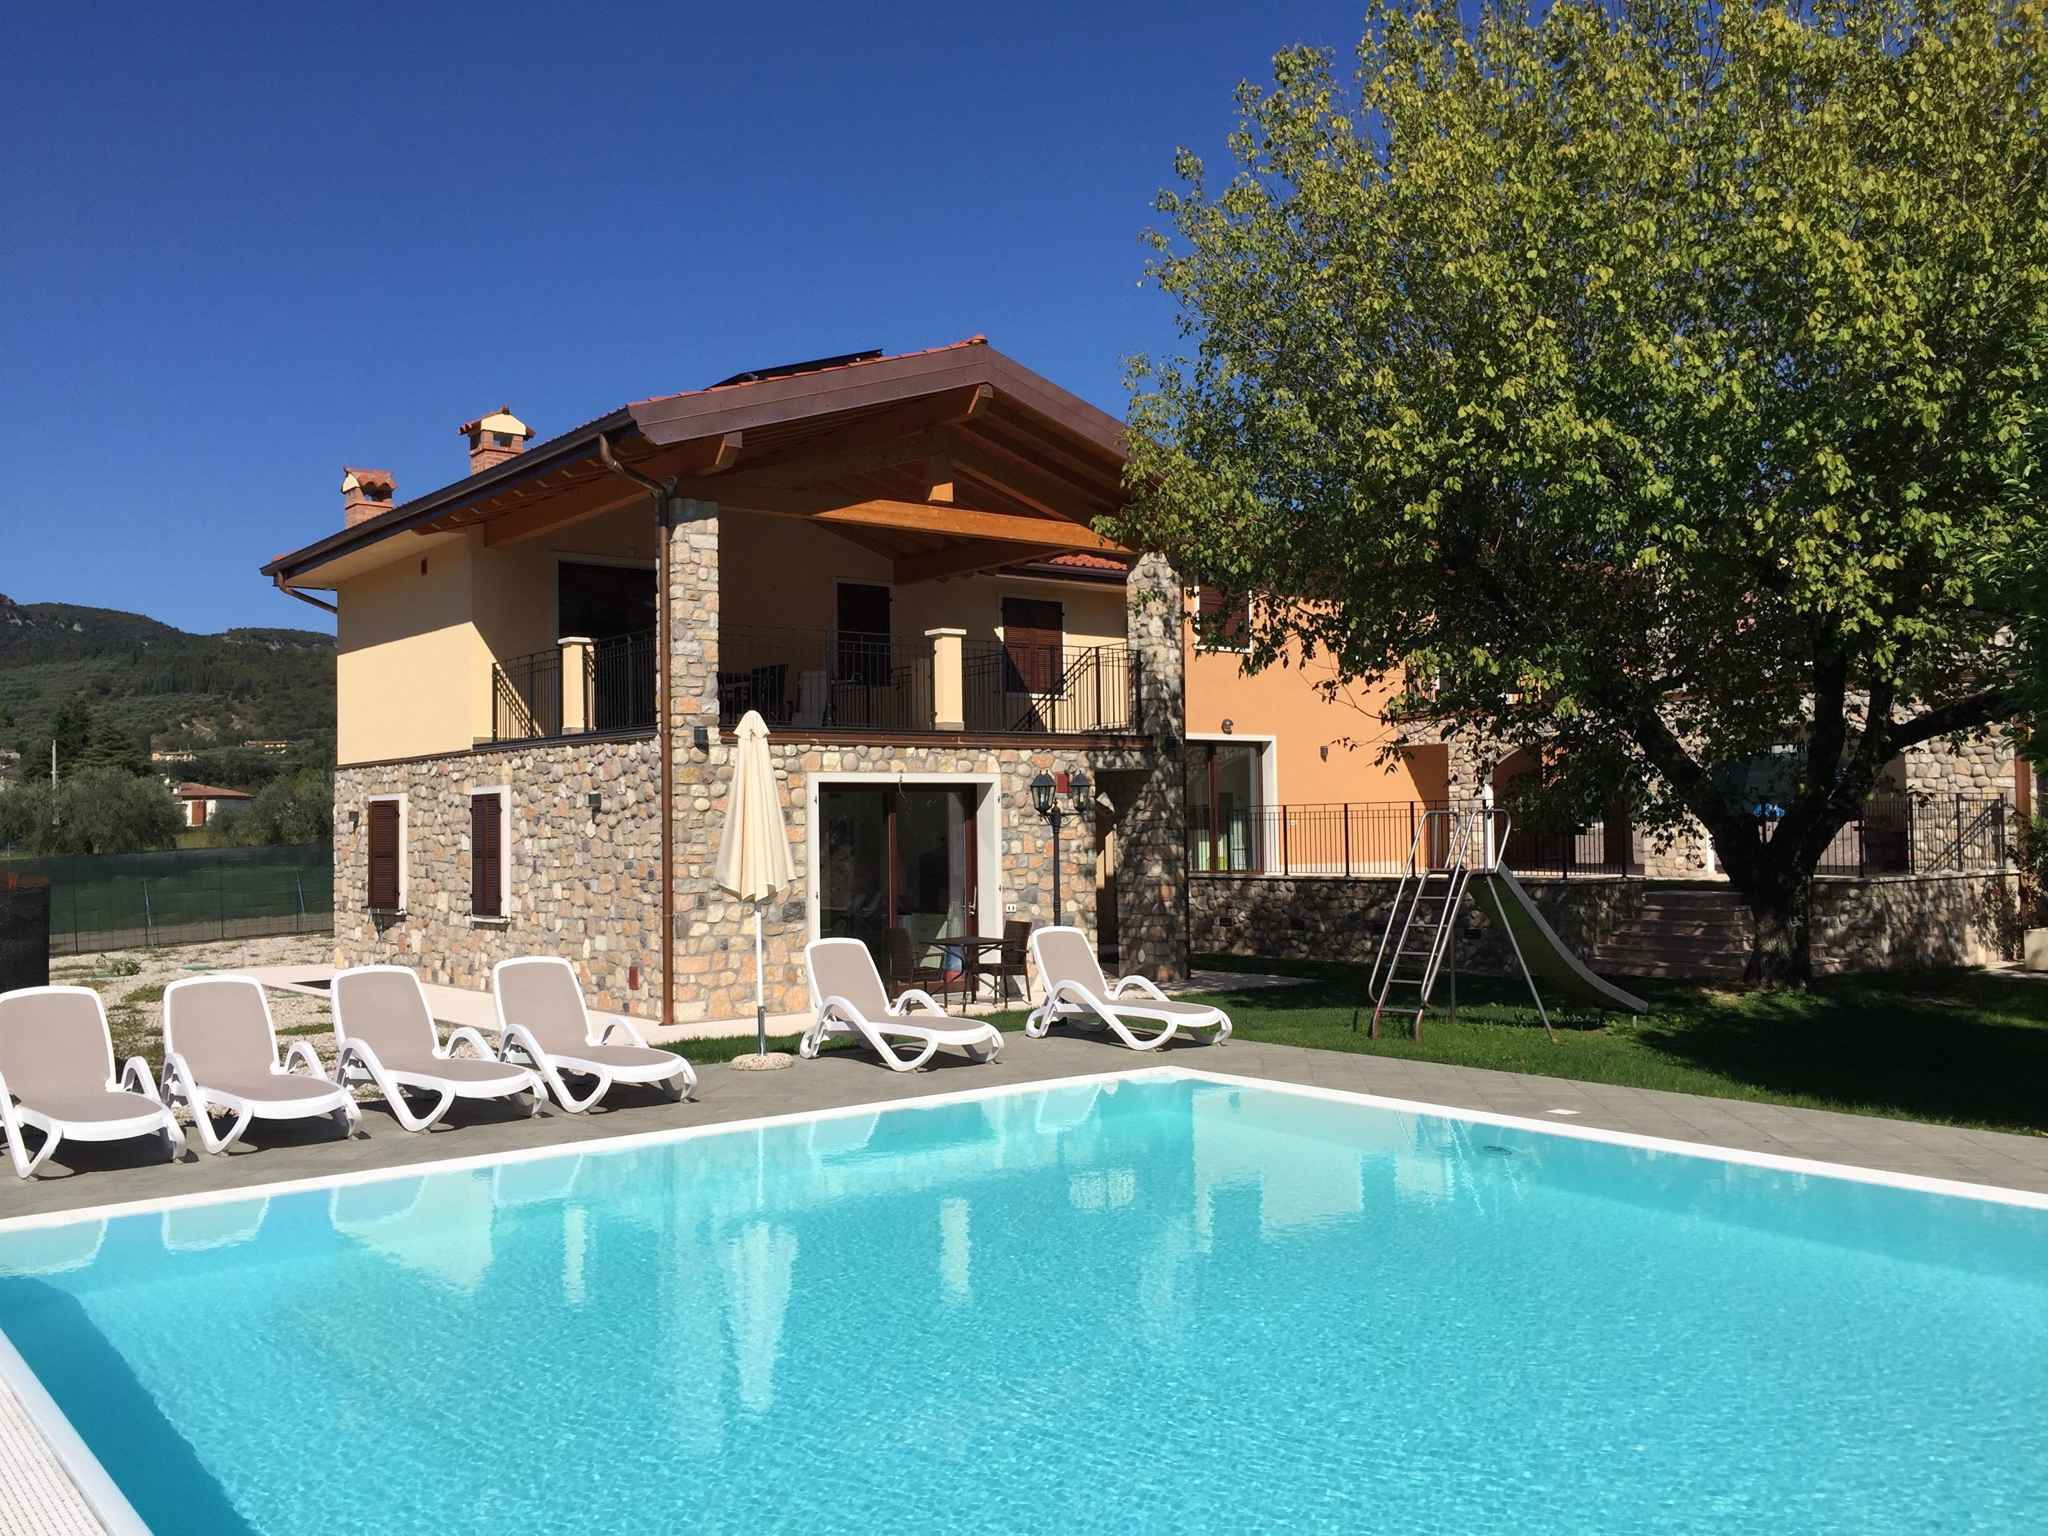 Ferienwohnung Residenz Rustico (279540), Garda, Gardasee, Venetien, Italien, Bild 3